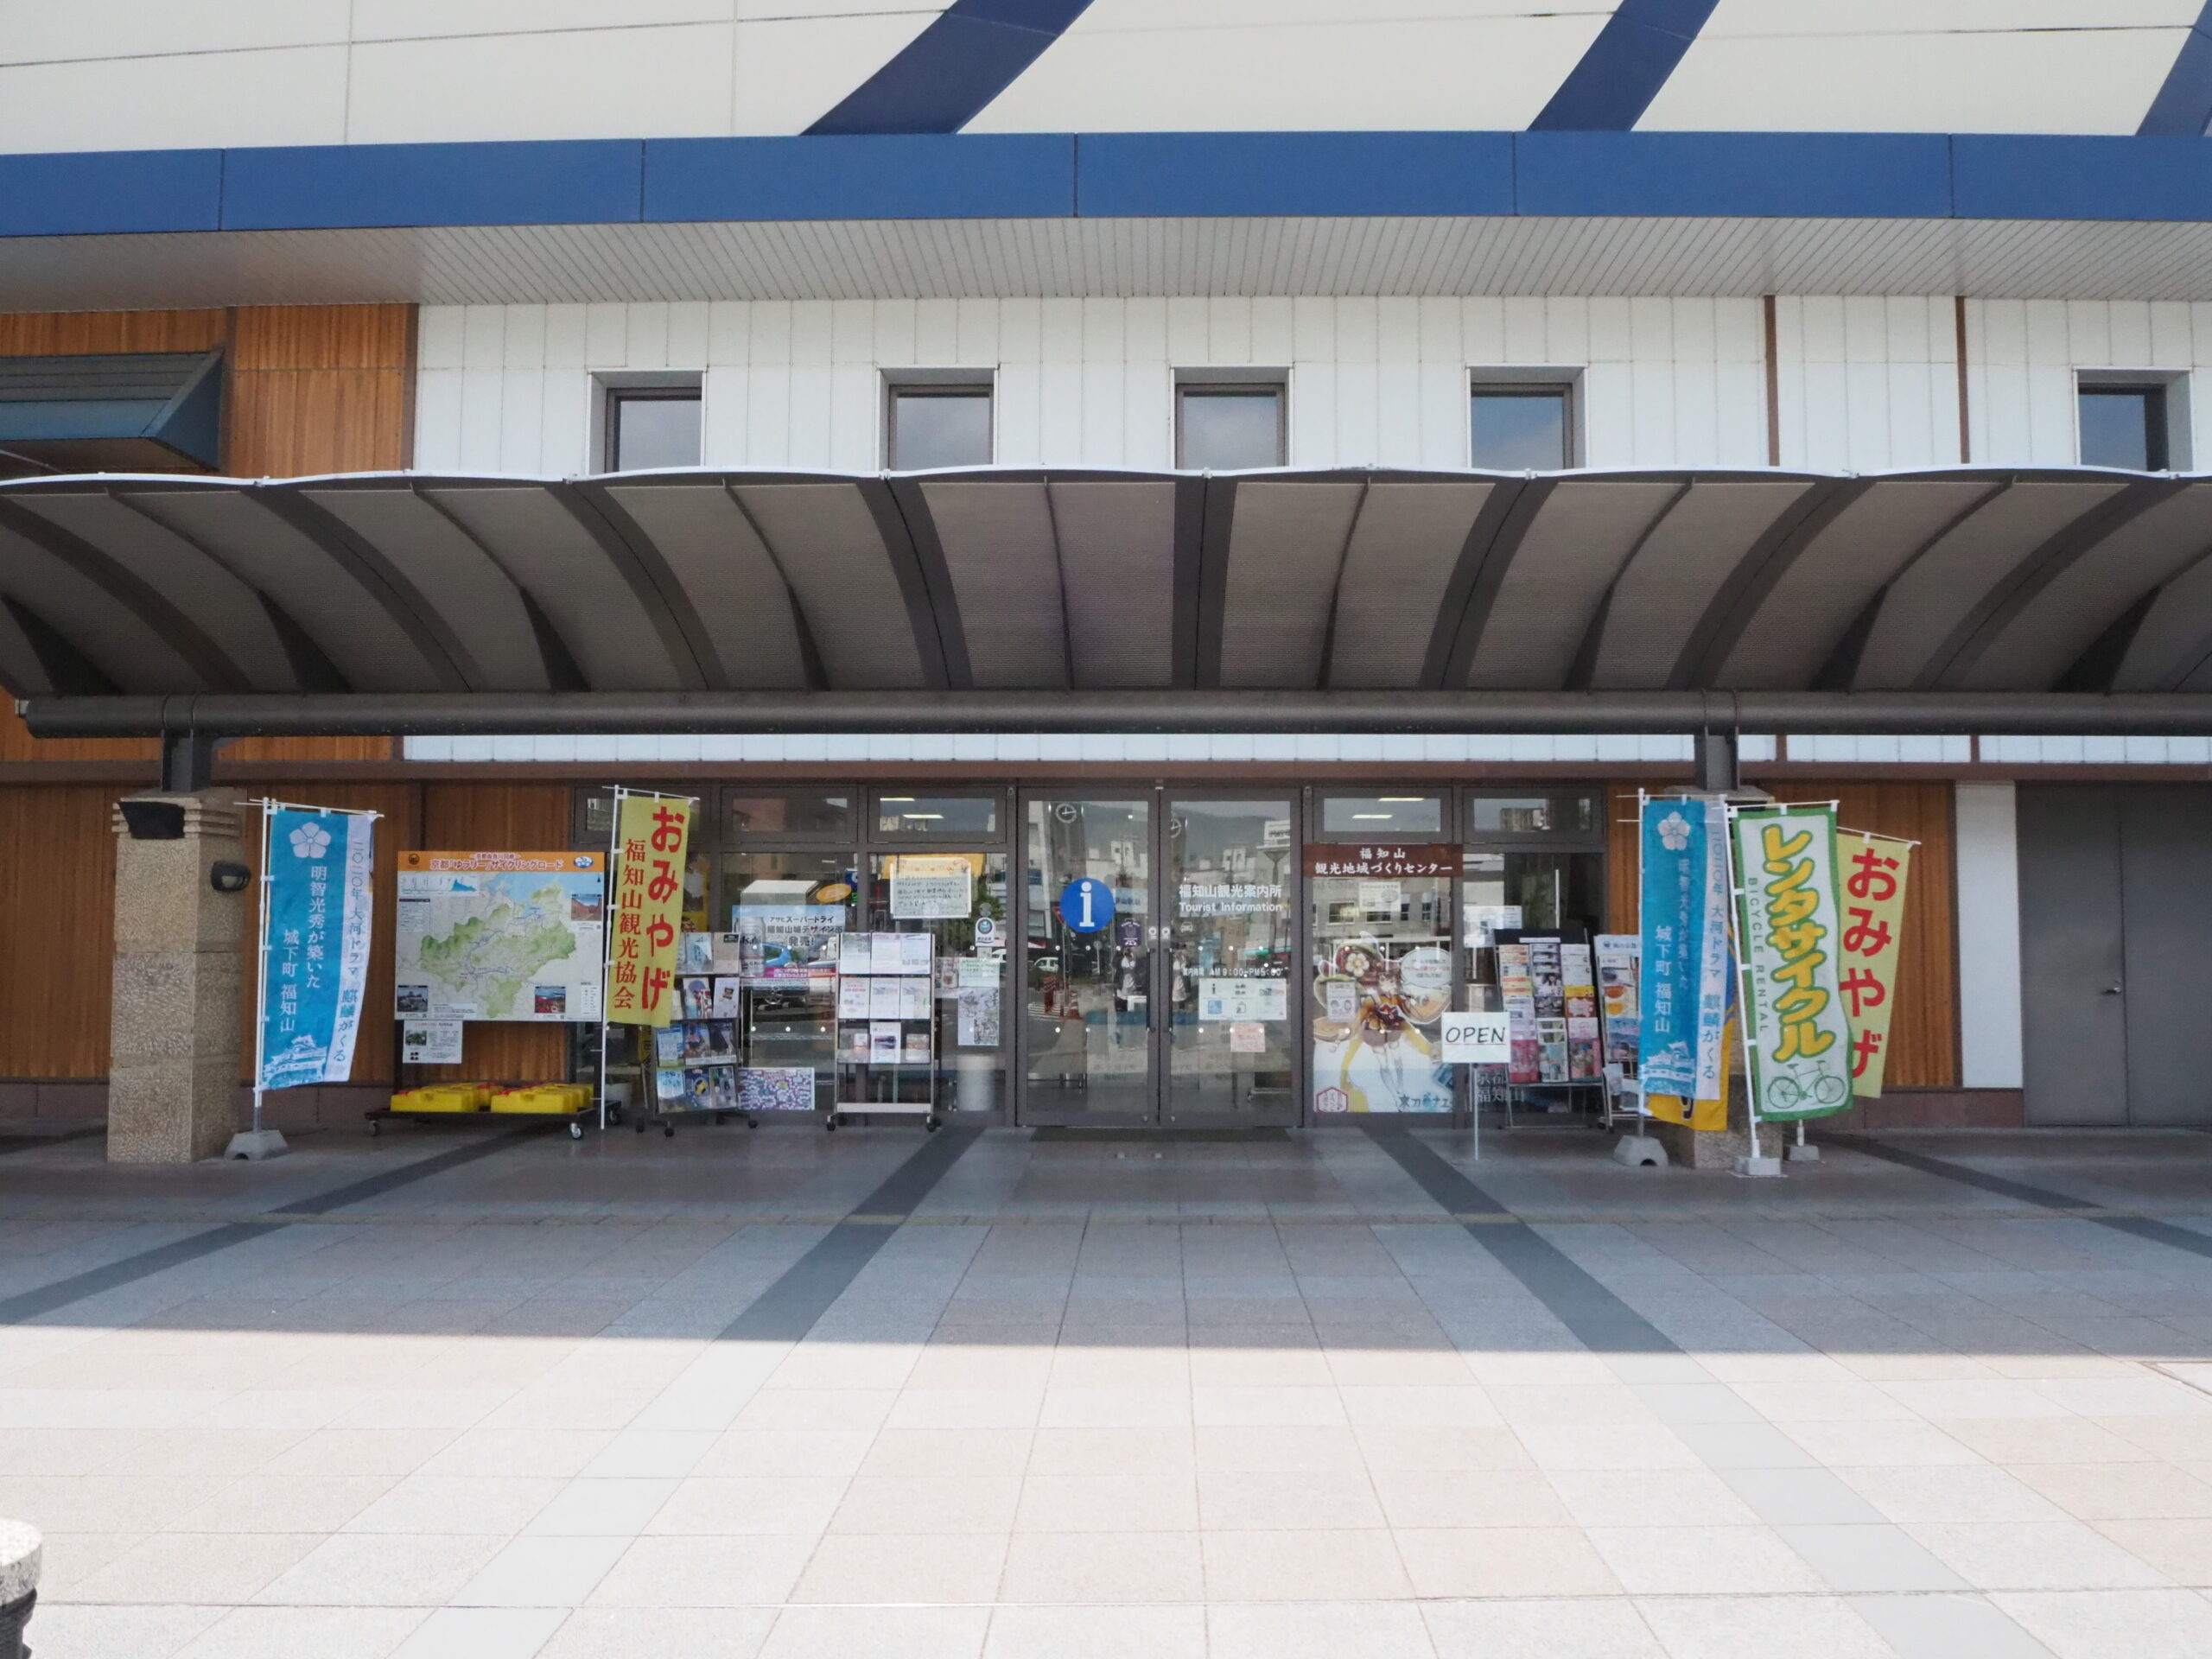 Fukuchiyama Tourist Information Center